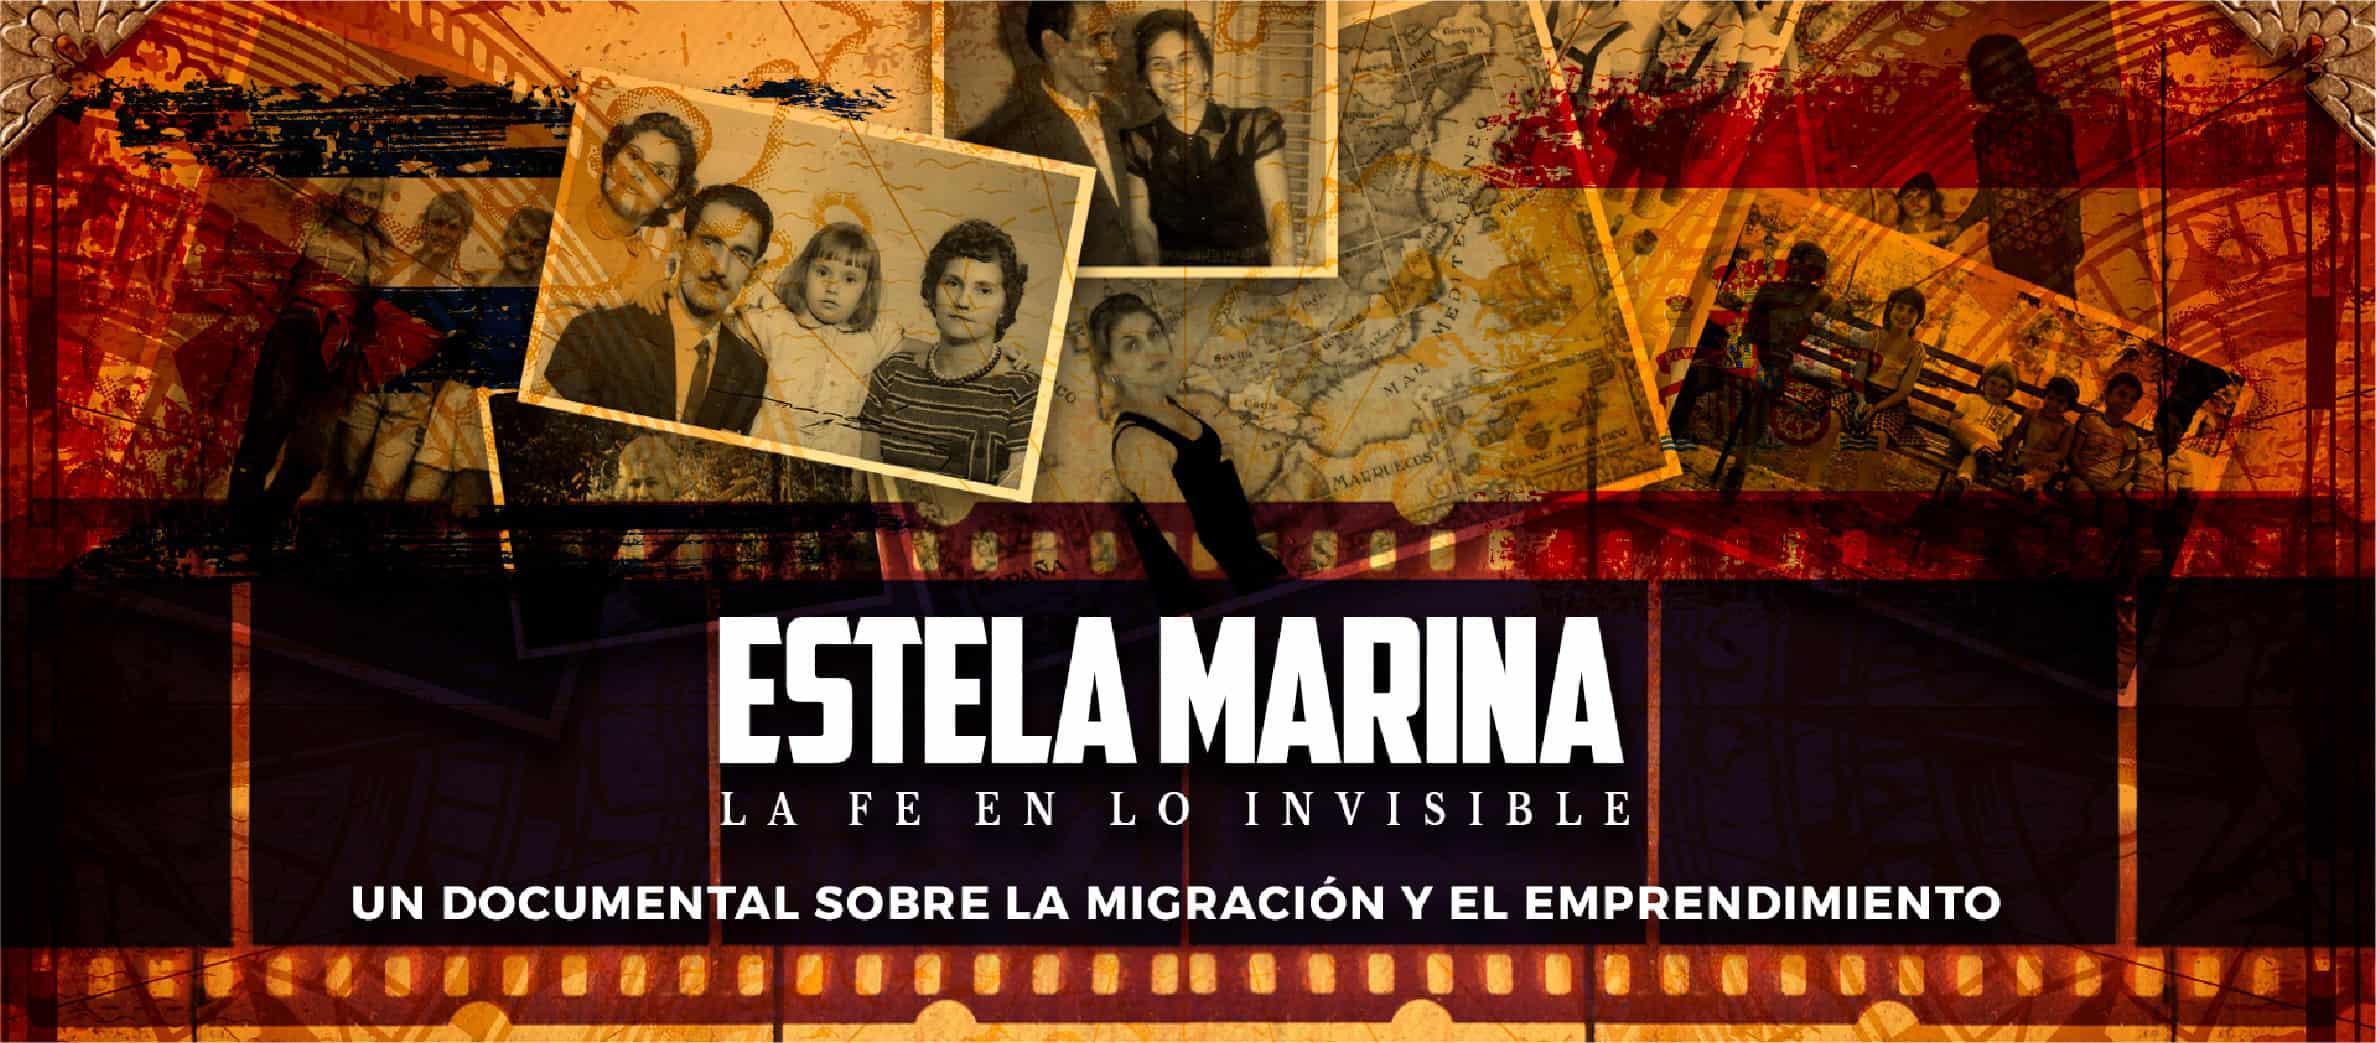 Un documental sobre la migración y el emprendimiento.